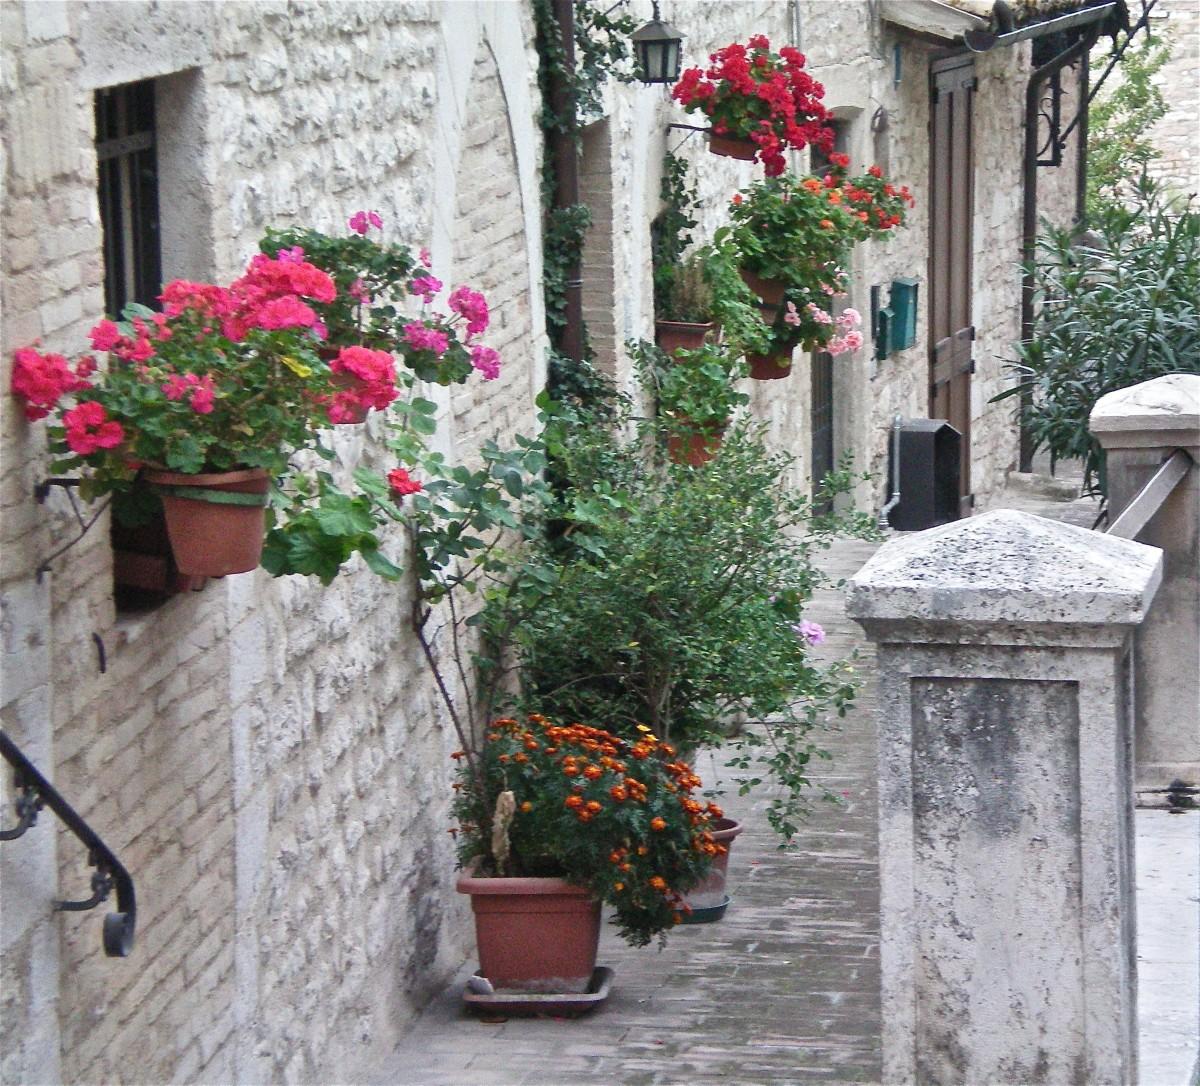 A geranium filled street © A Harrison